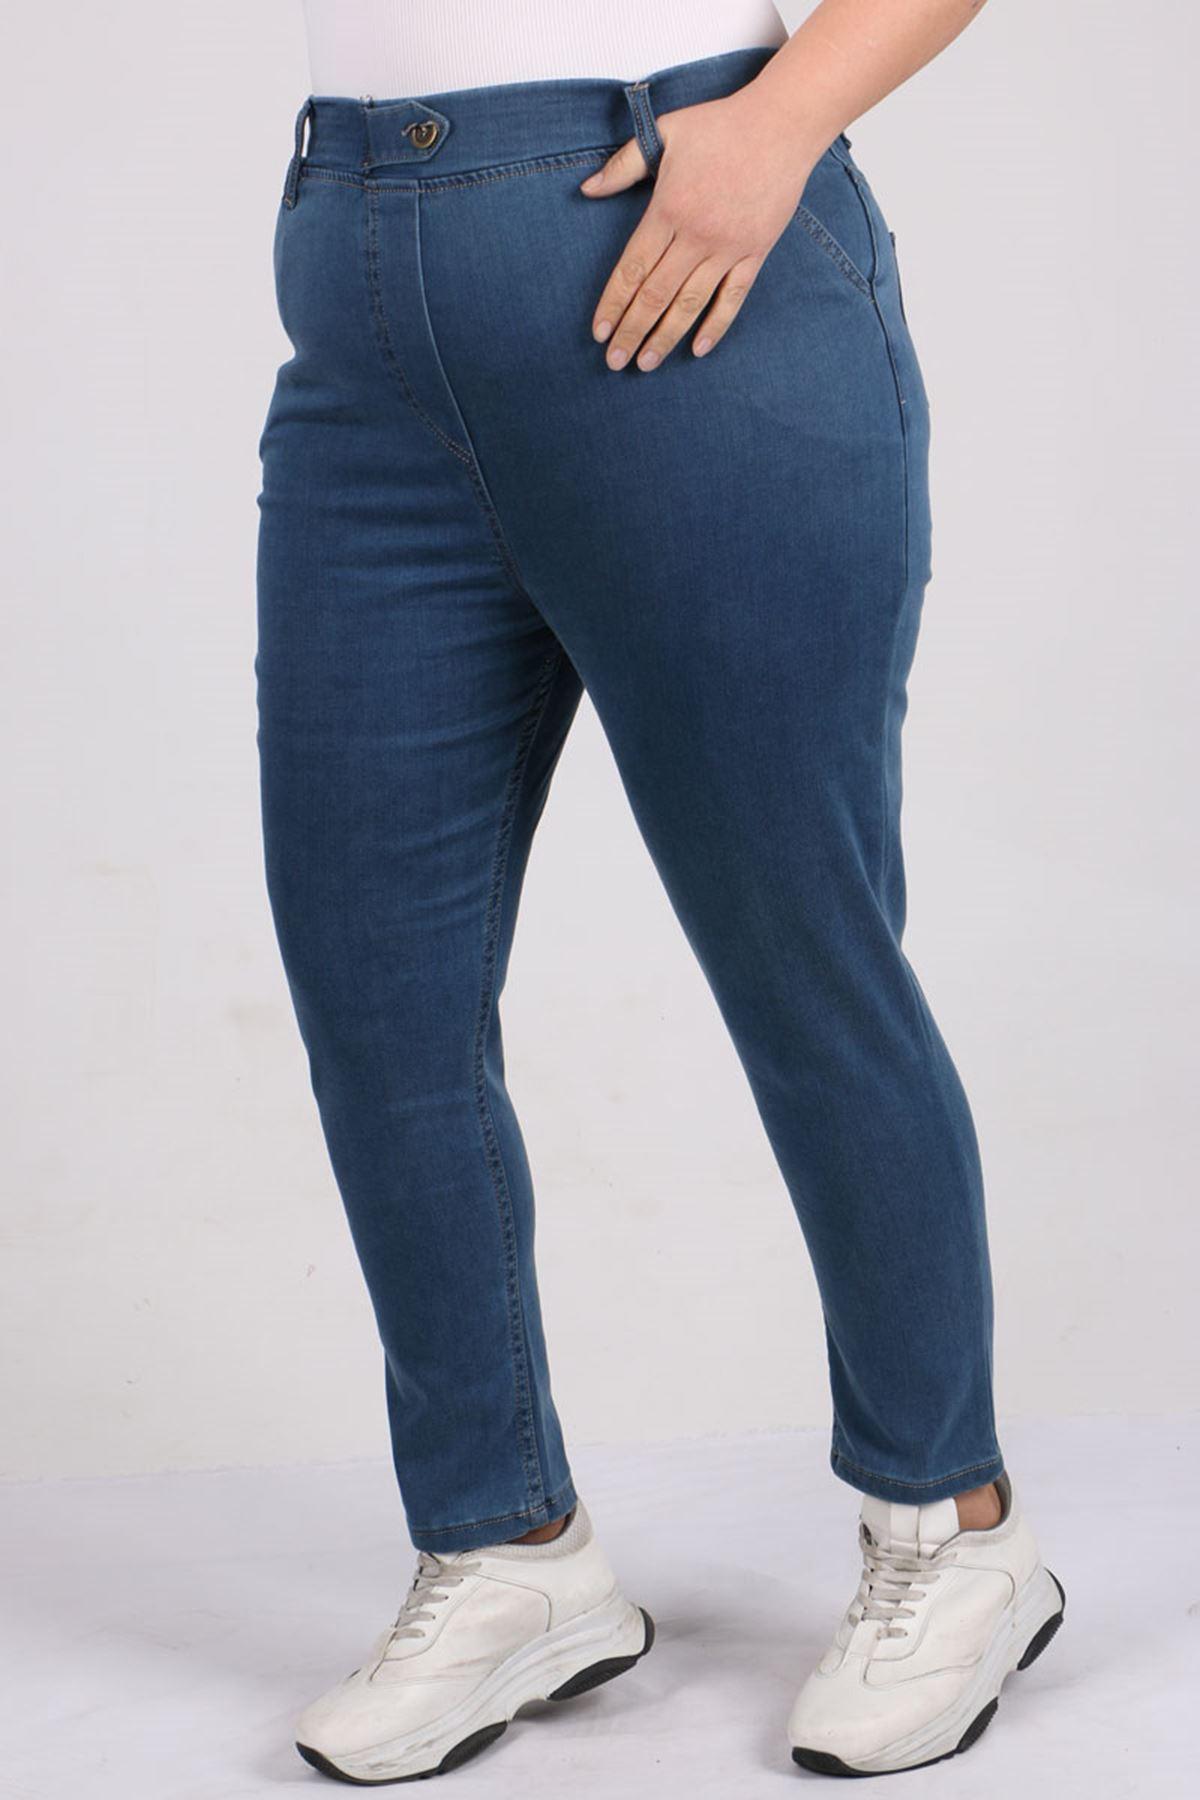 D-9144 Büyük Beden Defolu Beli Lastikli Dar Paça Kot Pantolon - Mavi